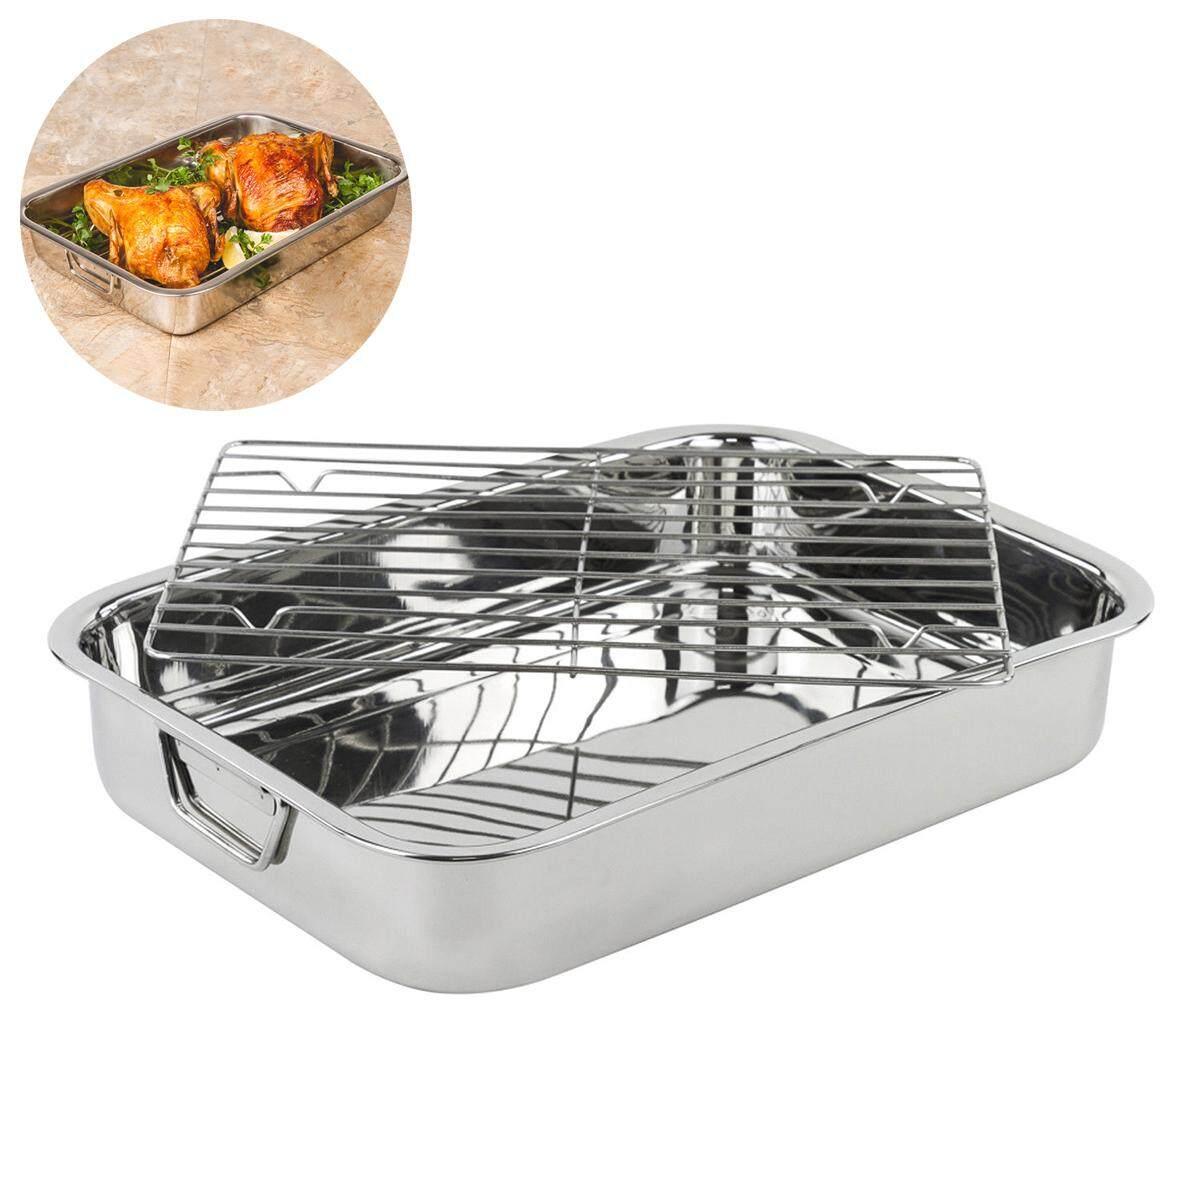 Stainless Steel Deep Roasting Lasagna Pan Roaster W/ Rack